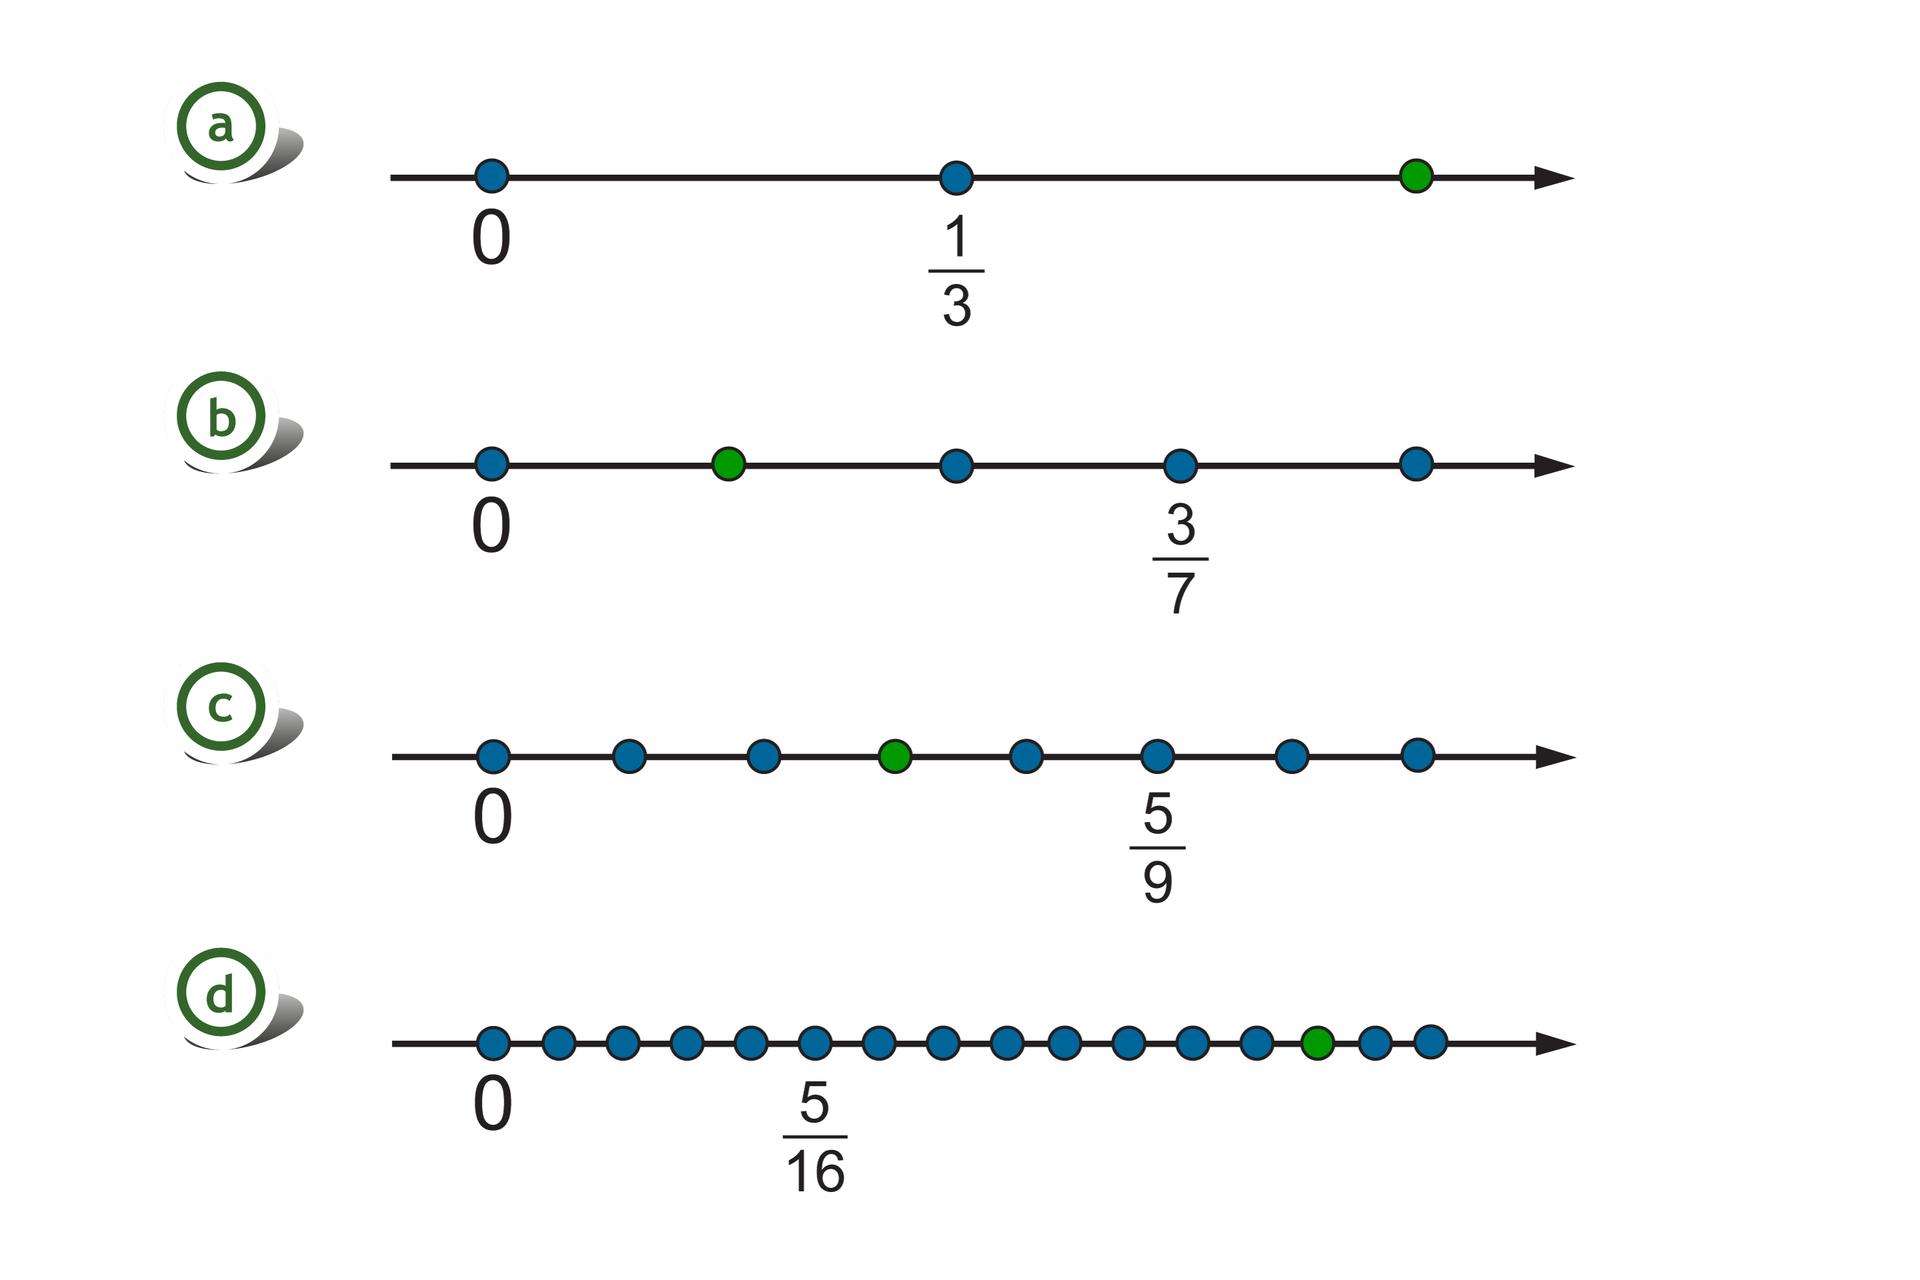 Rysunek czterech osi liczbowych. Na pierwszej osi zaznaczone liczby 0 ijedna trzecia, odcinek jednostkowy równy jedna trzecia. Szukany punkt wyznacza jedną część za punktem jedna trzecia. Na drugiej osi zaznaczone liczby 0 itrzy siódme, odcinek jednostkowy równy jedna siódma. Szukany punkt wyznacza jedną część za punktem 0. Na trzeciej osi zaznaczone liczby 0 ipięć dziewiątych, odcinek jednostkowy równy jedna dziewiąta. Szukany punkt wyznacza trzy części za punktem 0. Na czwartej osi zaznaczone liczby 0 ipięć szesnastych, odcinek jednostkowy równy jedna szesnasta. Szukany punkt wyznacza osiem części za punktem pięć szesnastych.